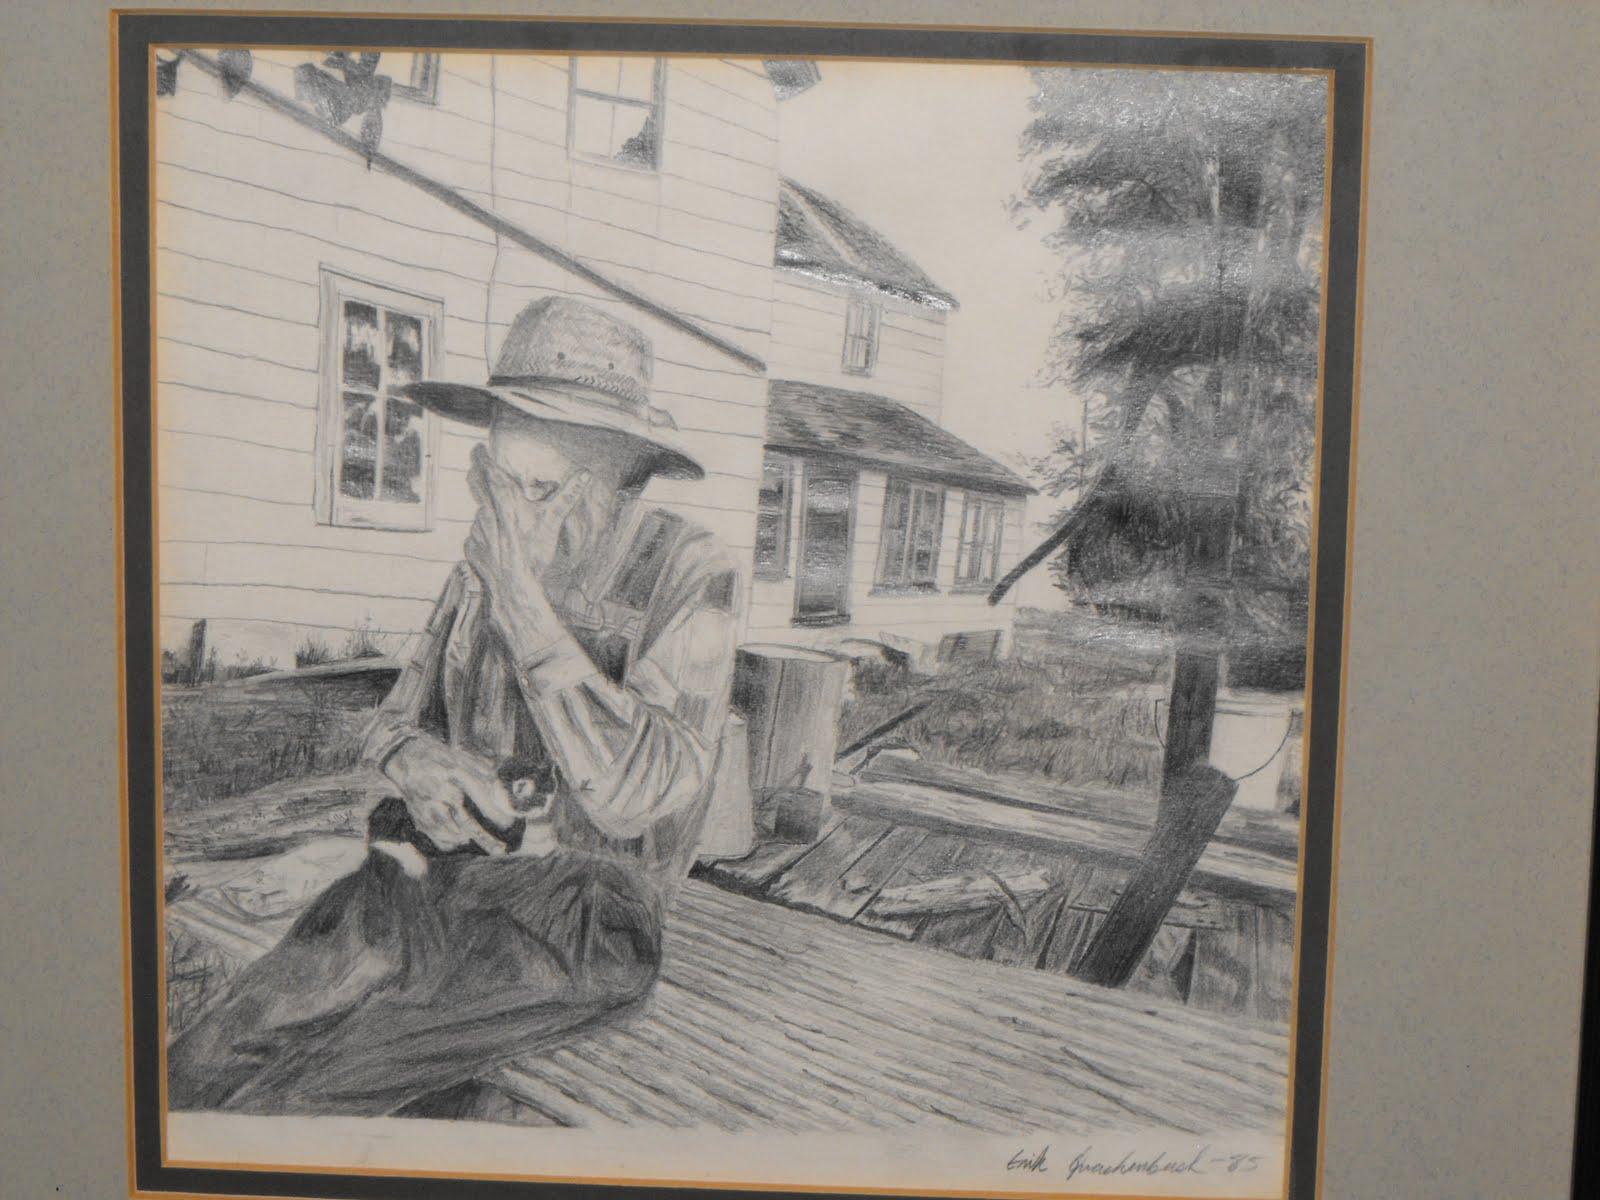 1600x1200 Erik Quackenbush 1985 Drawing Old Man Crying